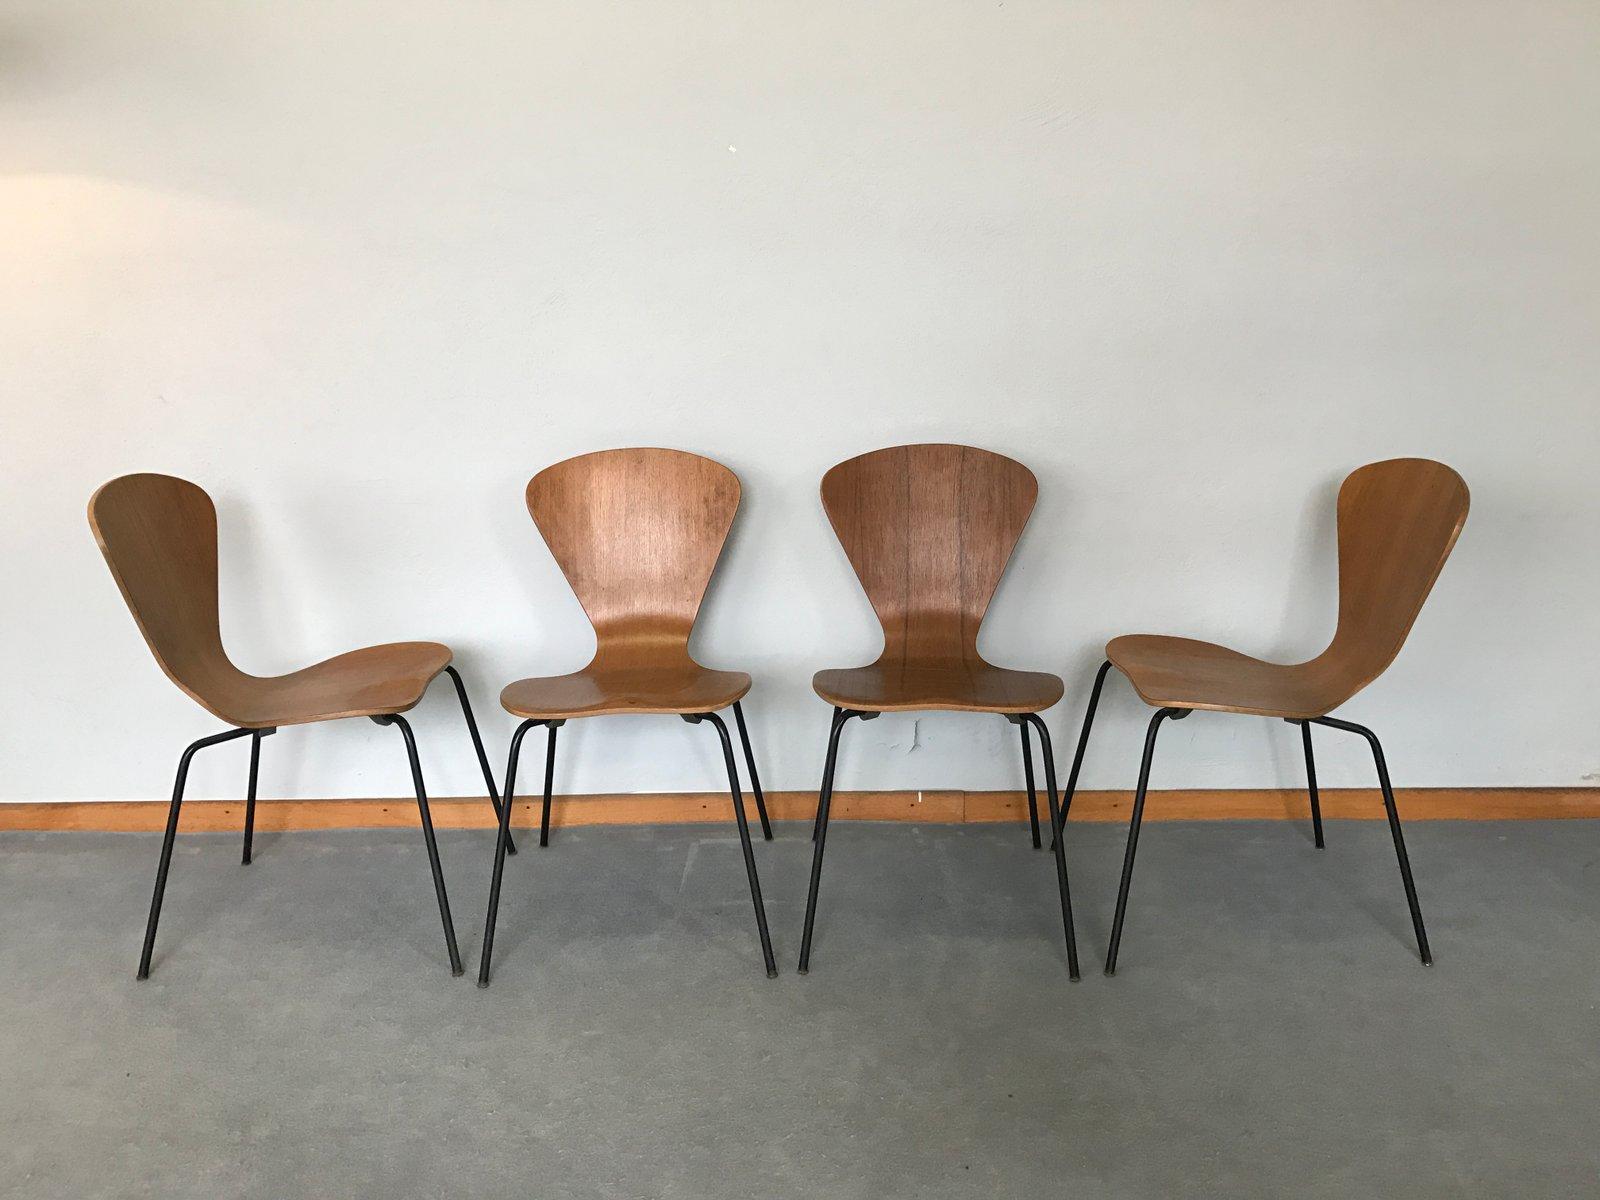 Jacobsen Stühle modell 3204 stühle arne jacobsen für fritz hansen 4er set bei pamono kaufen